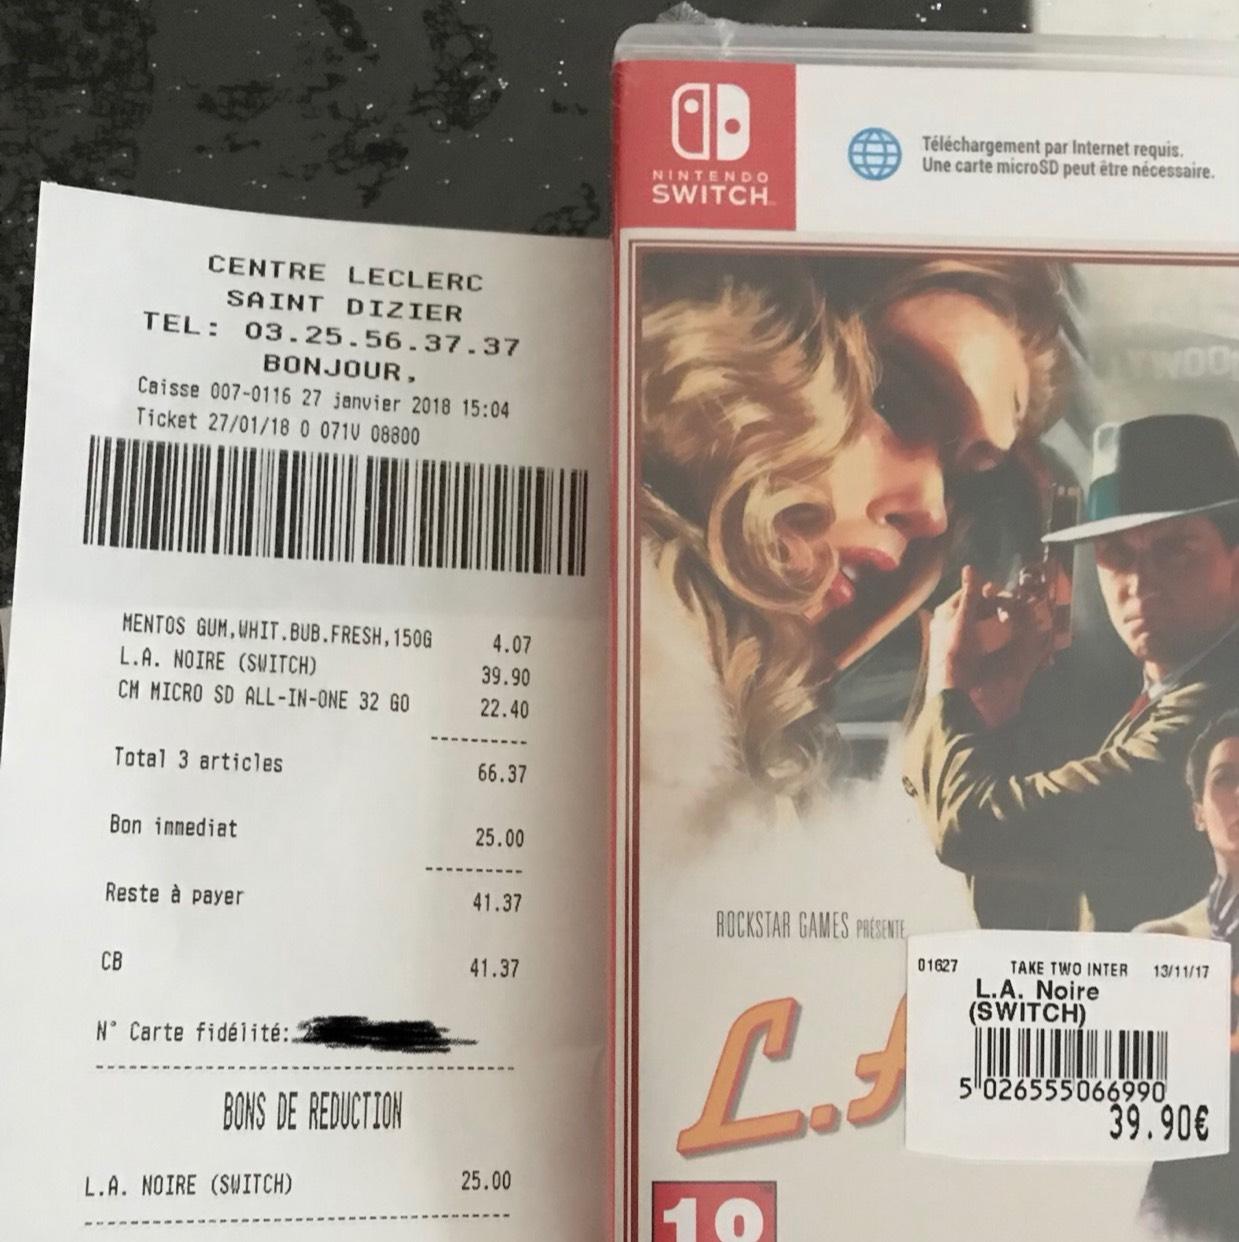 Jeu L.A. Noire sur Nintendo Switch - Leclerc Saint Dizier (52), Gouesnou (29)